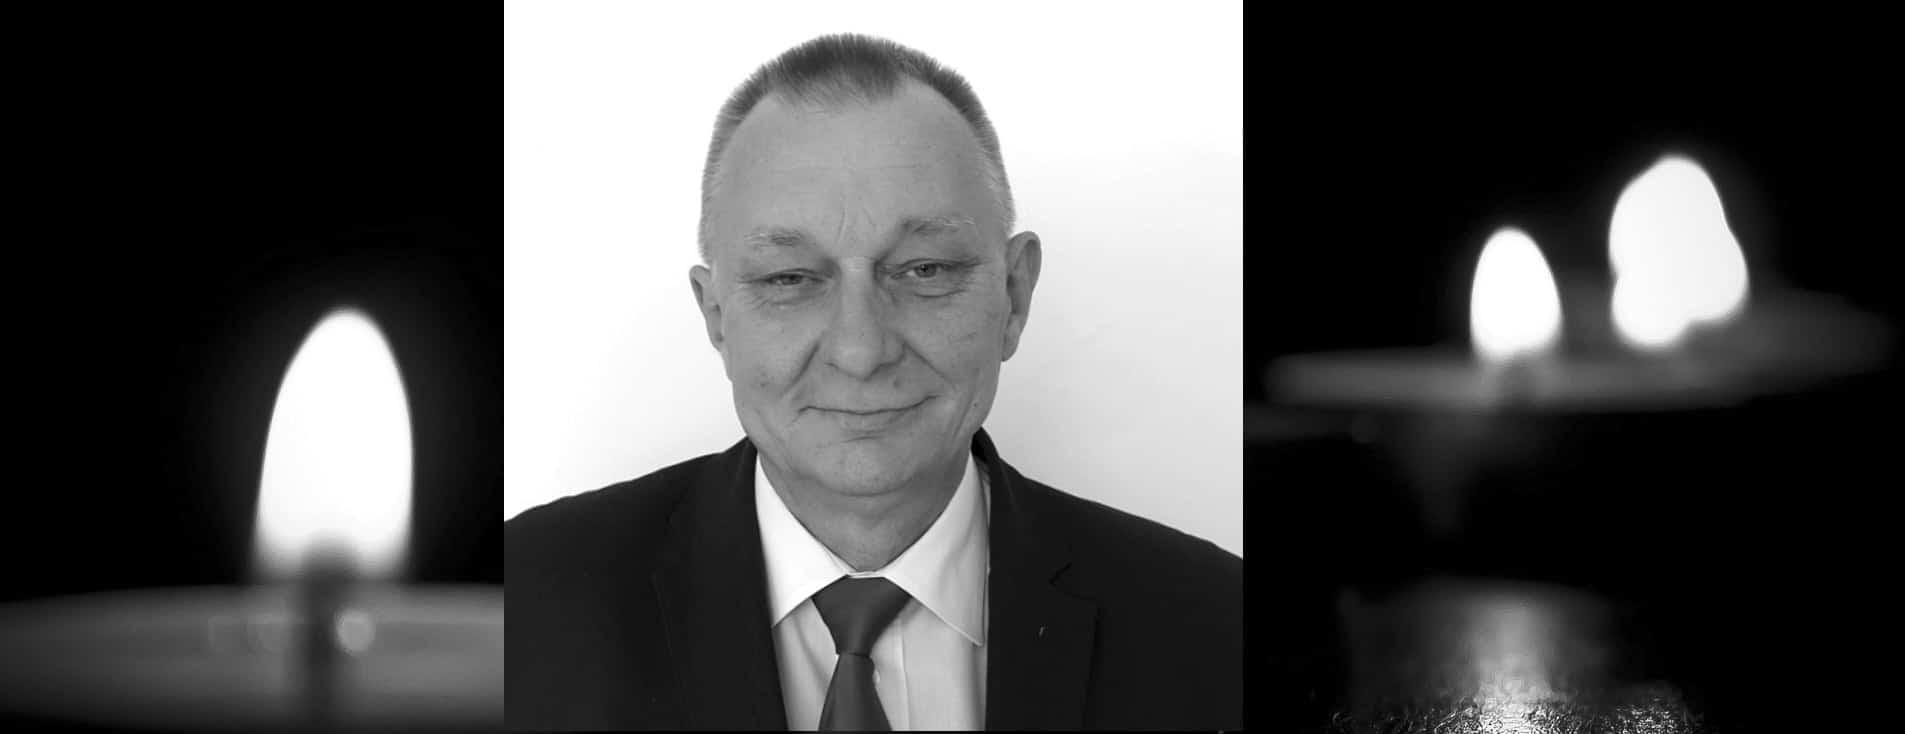 Krzysztof Hojda